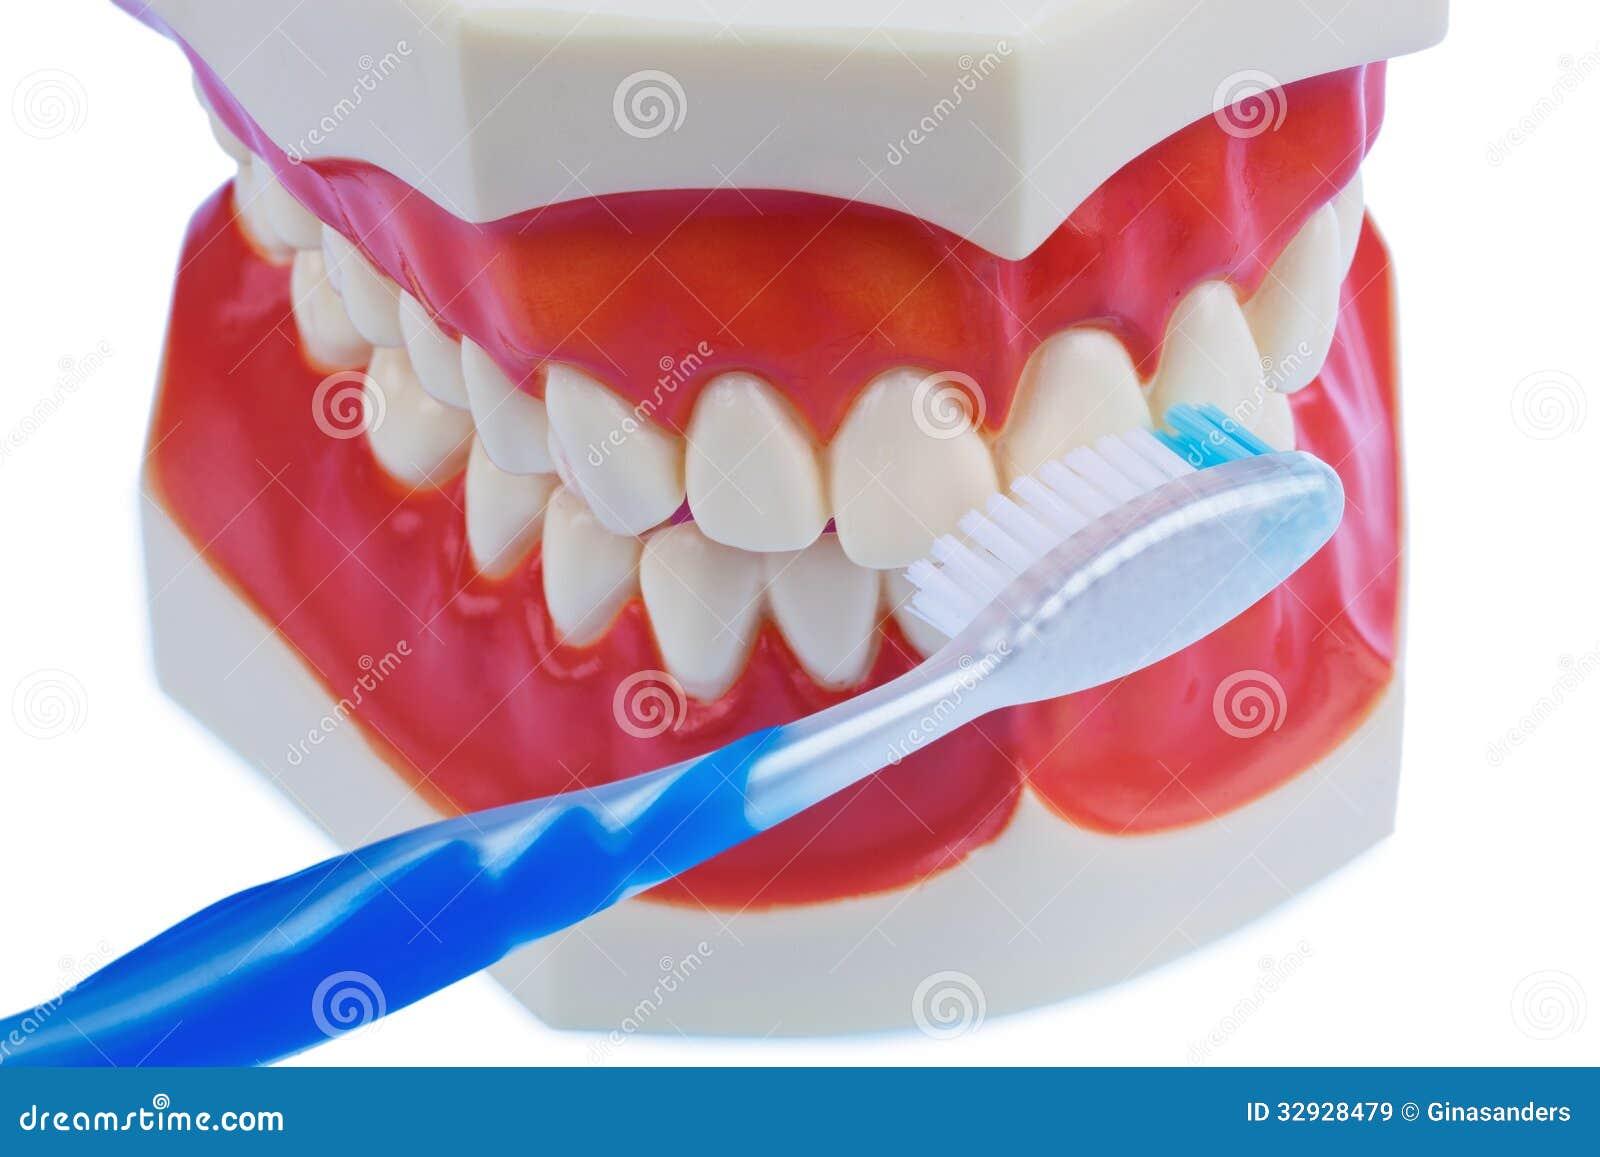 Modelo dental com uma escova de dentes ao escovar os dentes